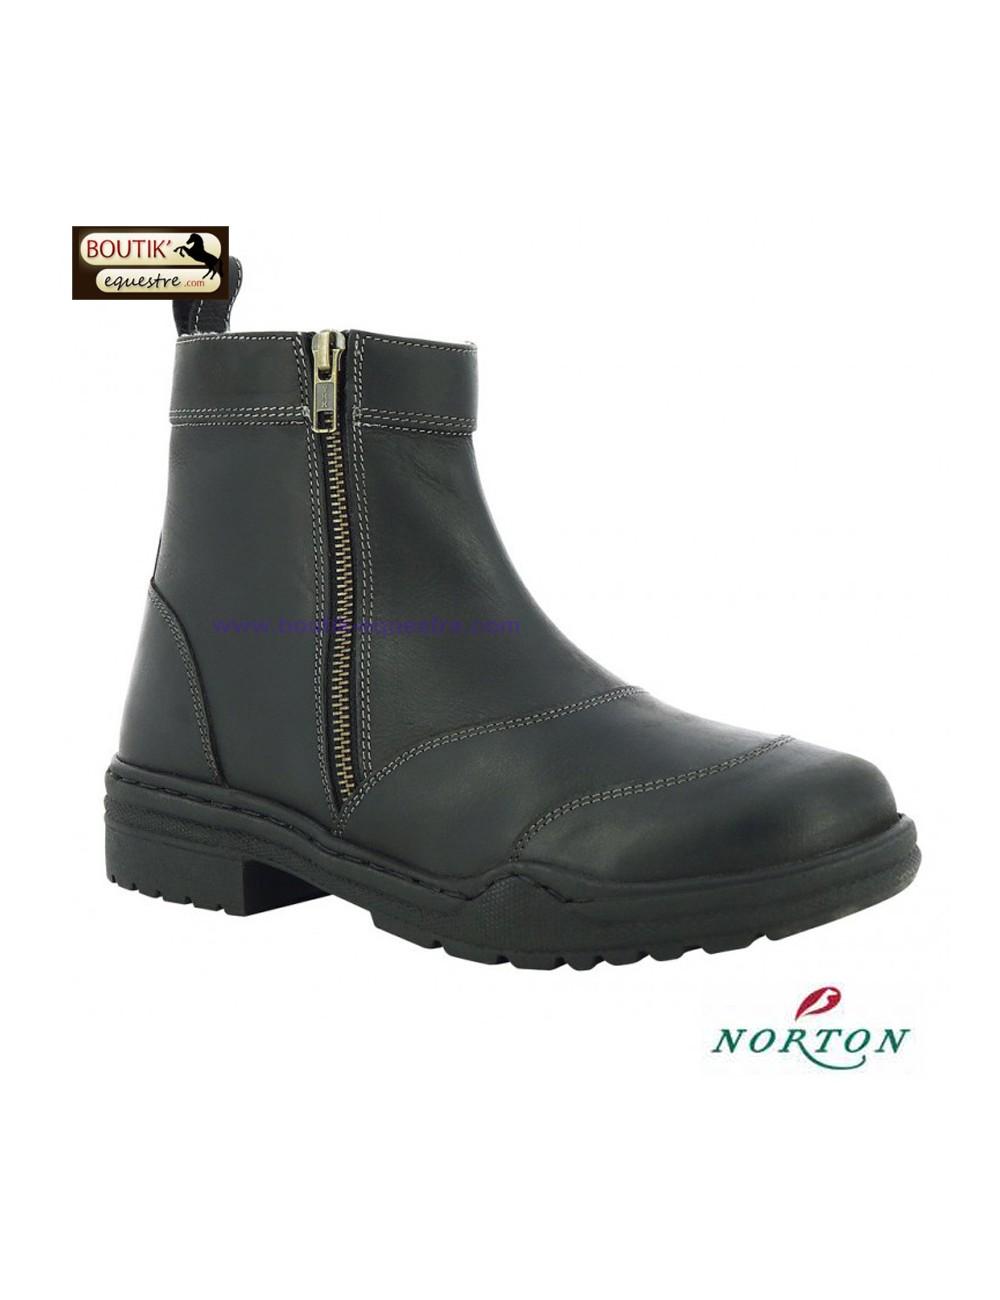 Boots Hiver NORTON Zipper